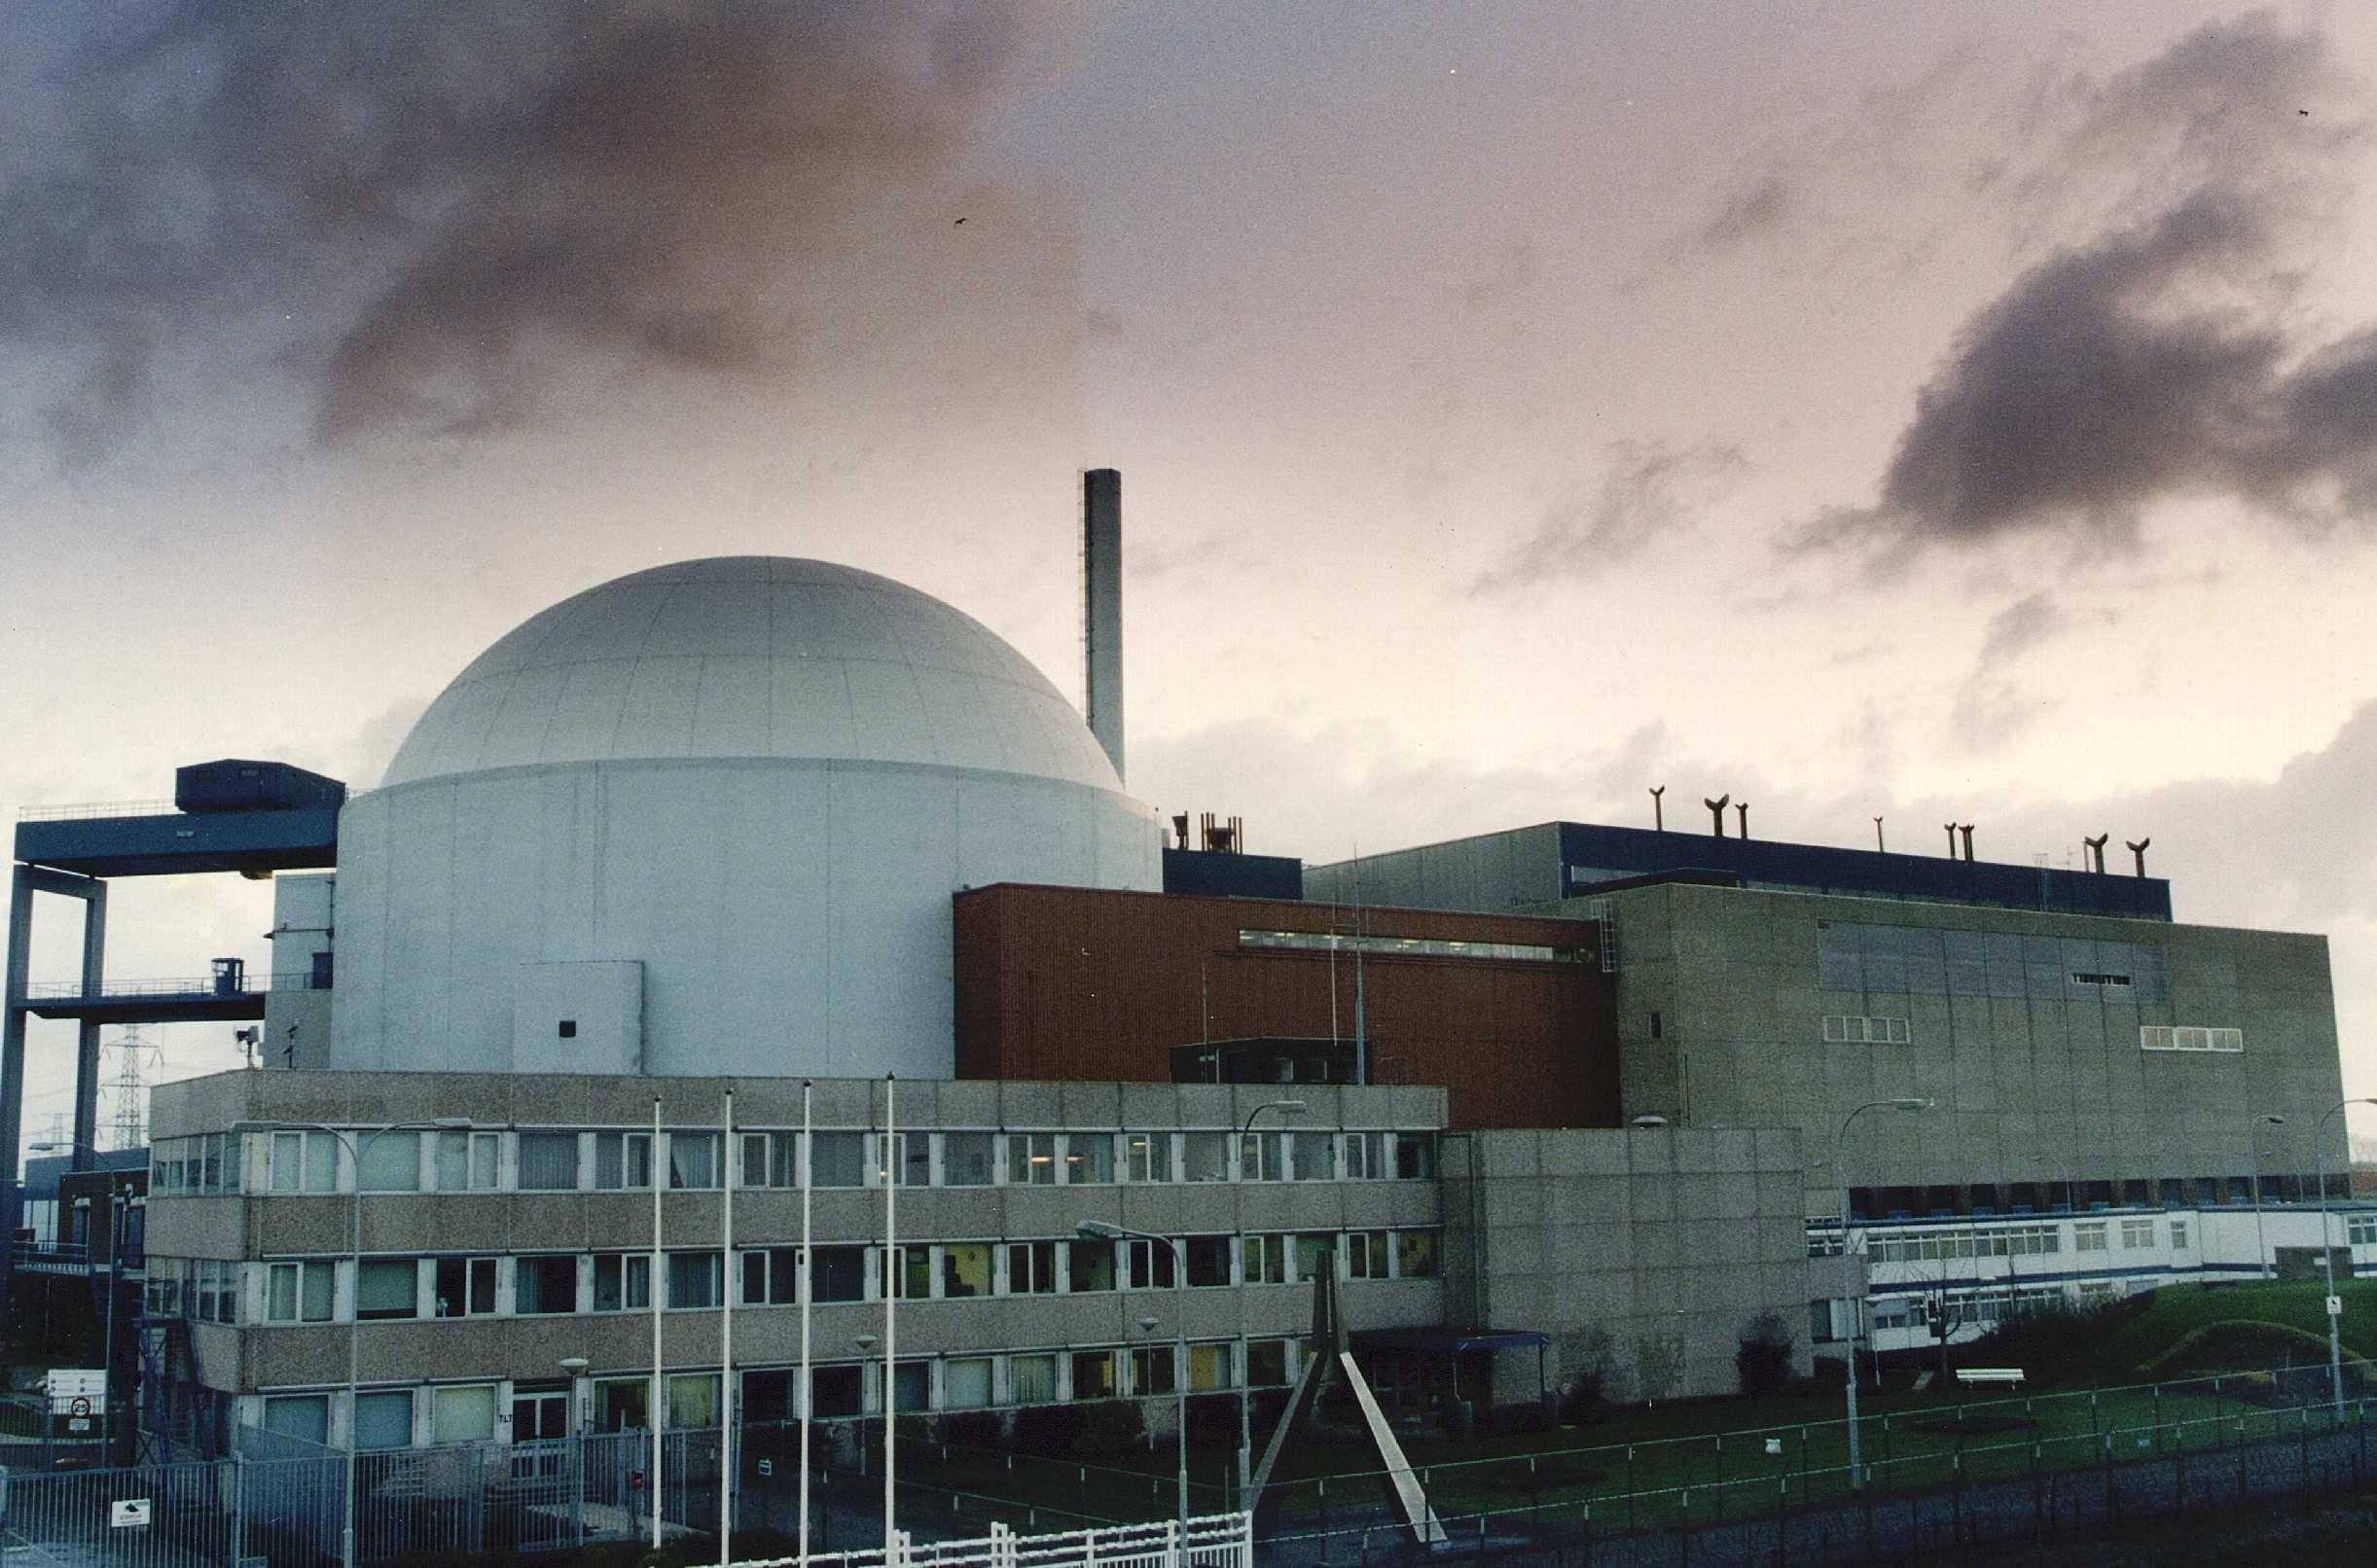 Opinie: Veel wensdenken rond kernenergie. Er is geen instant oplossing voor het C02-probleem